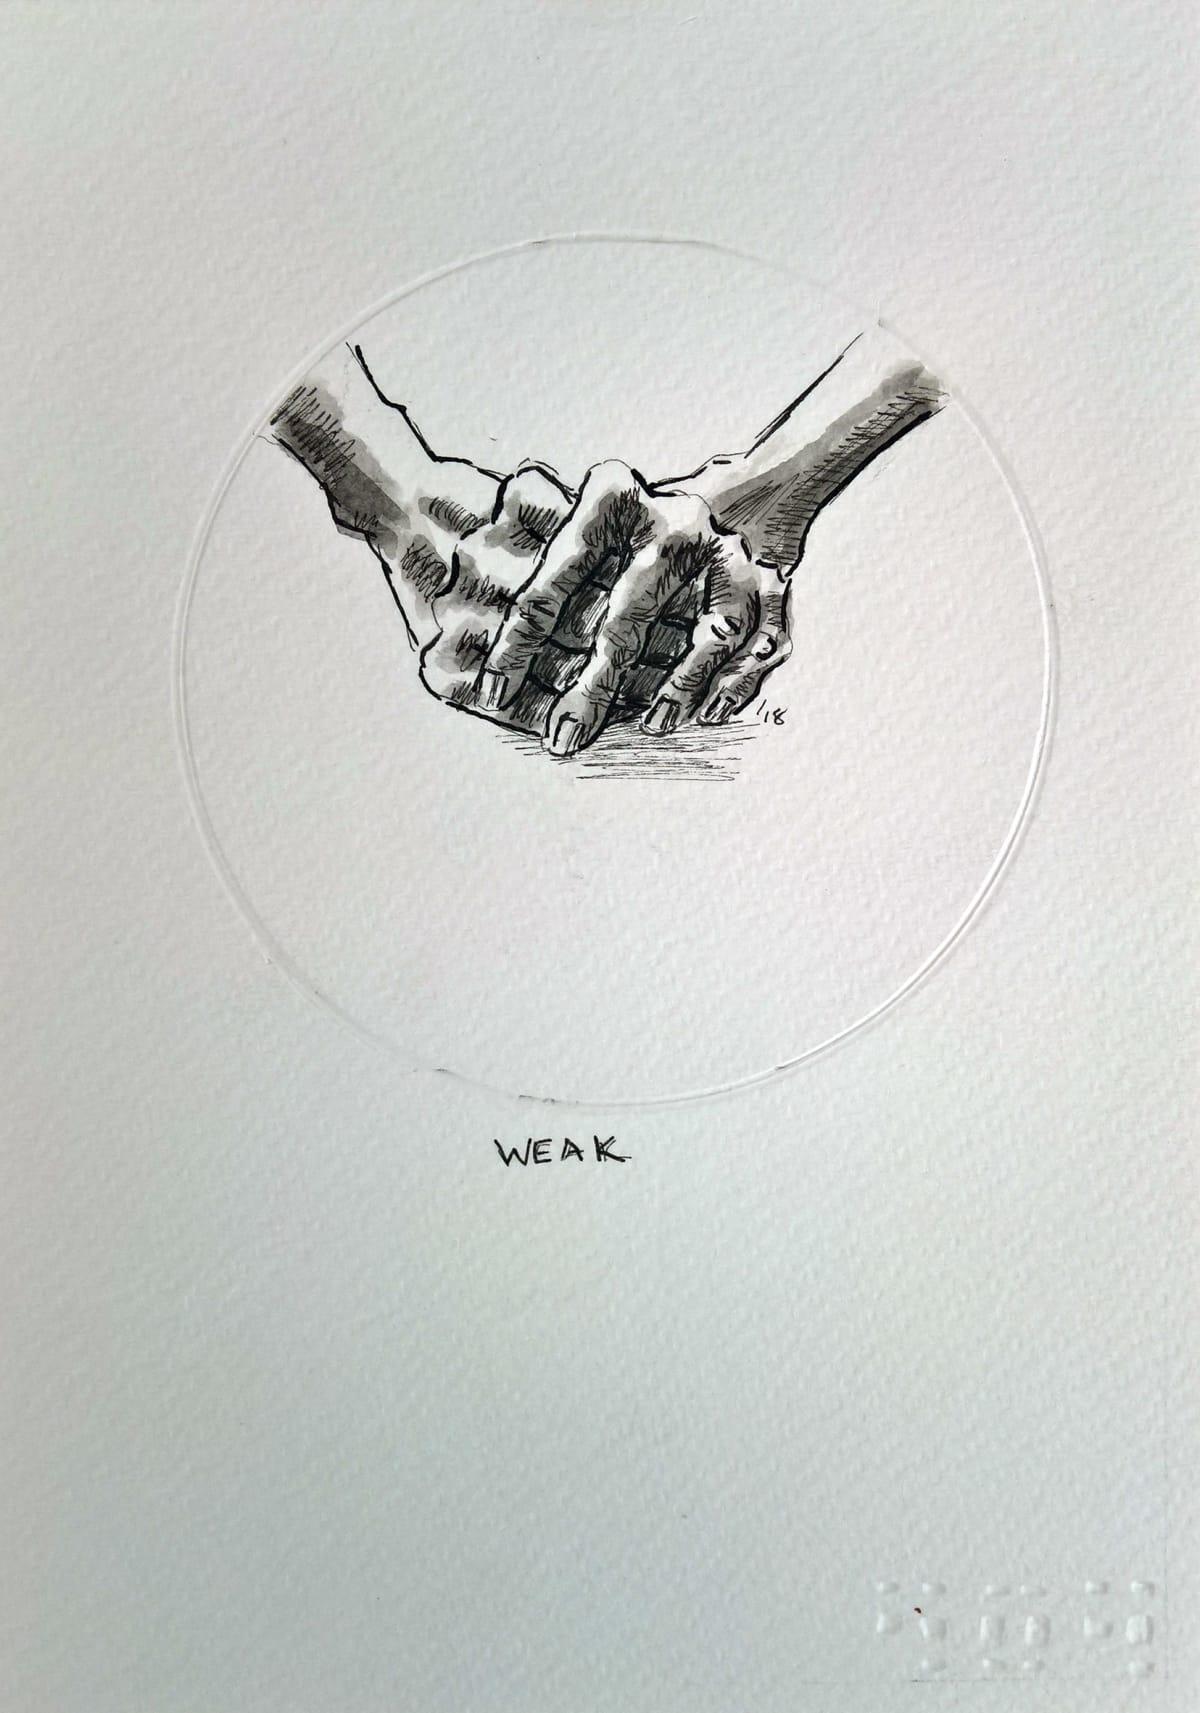 404, Weak (B), 2018